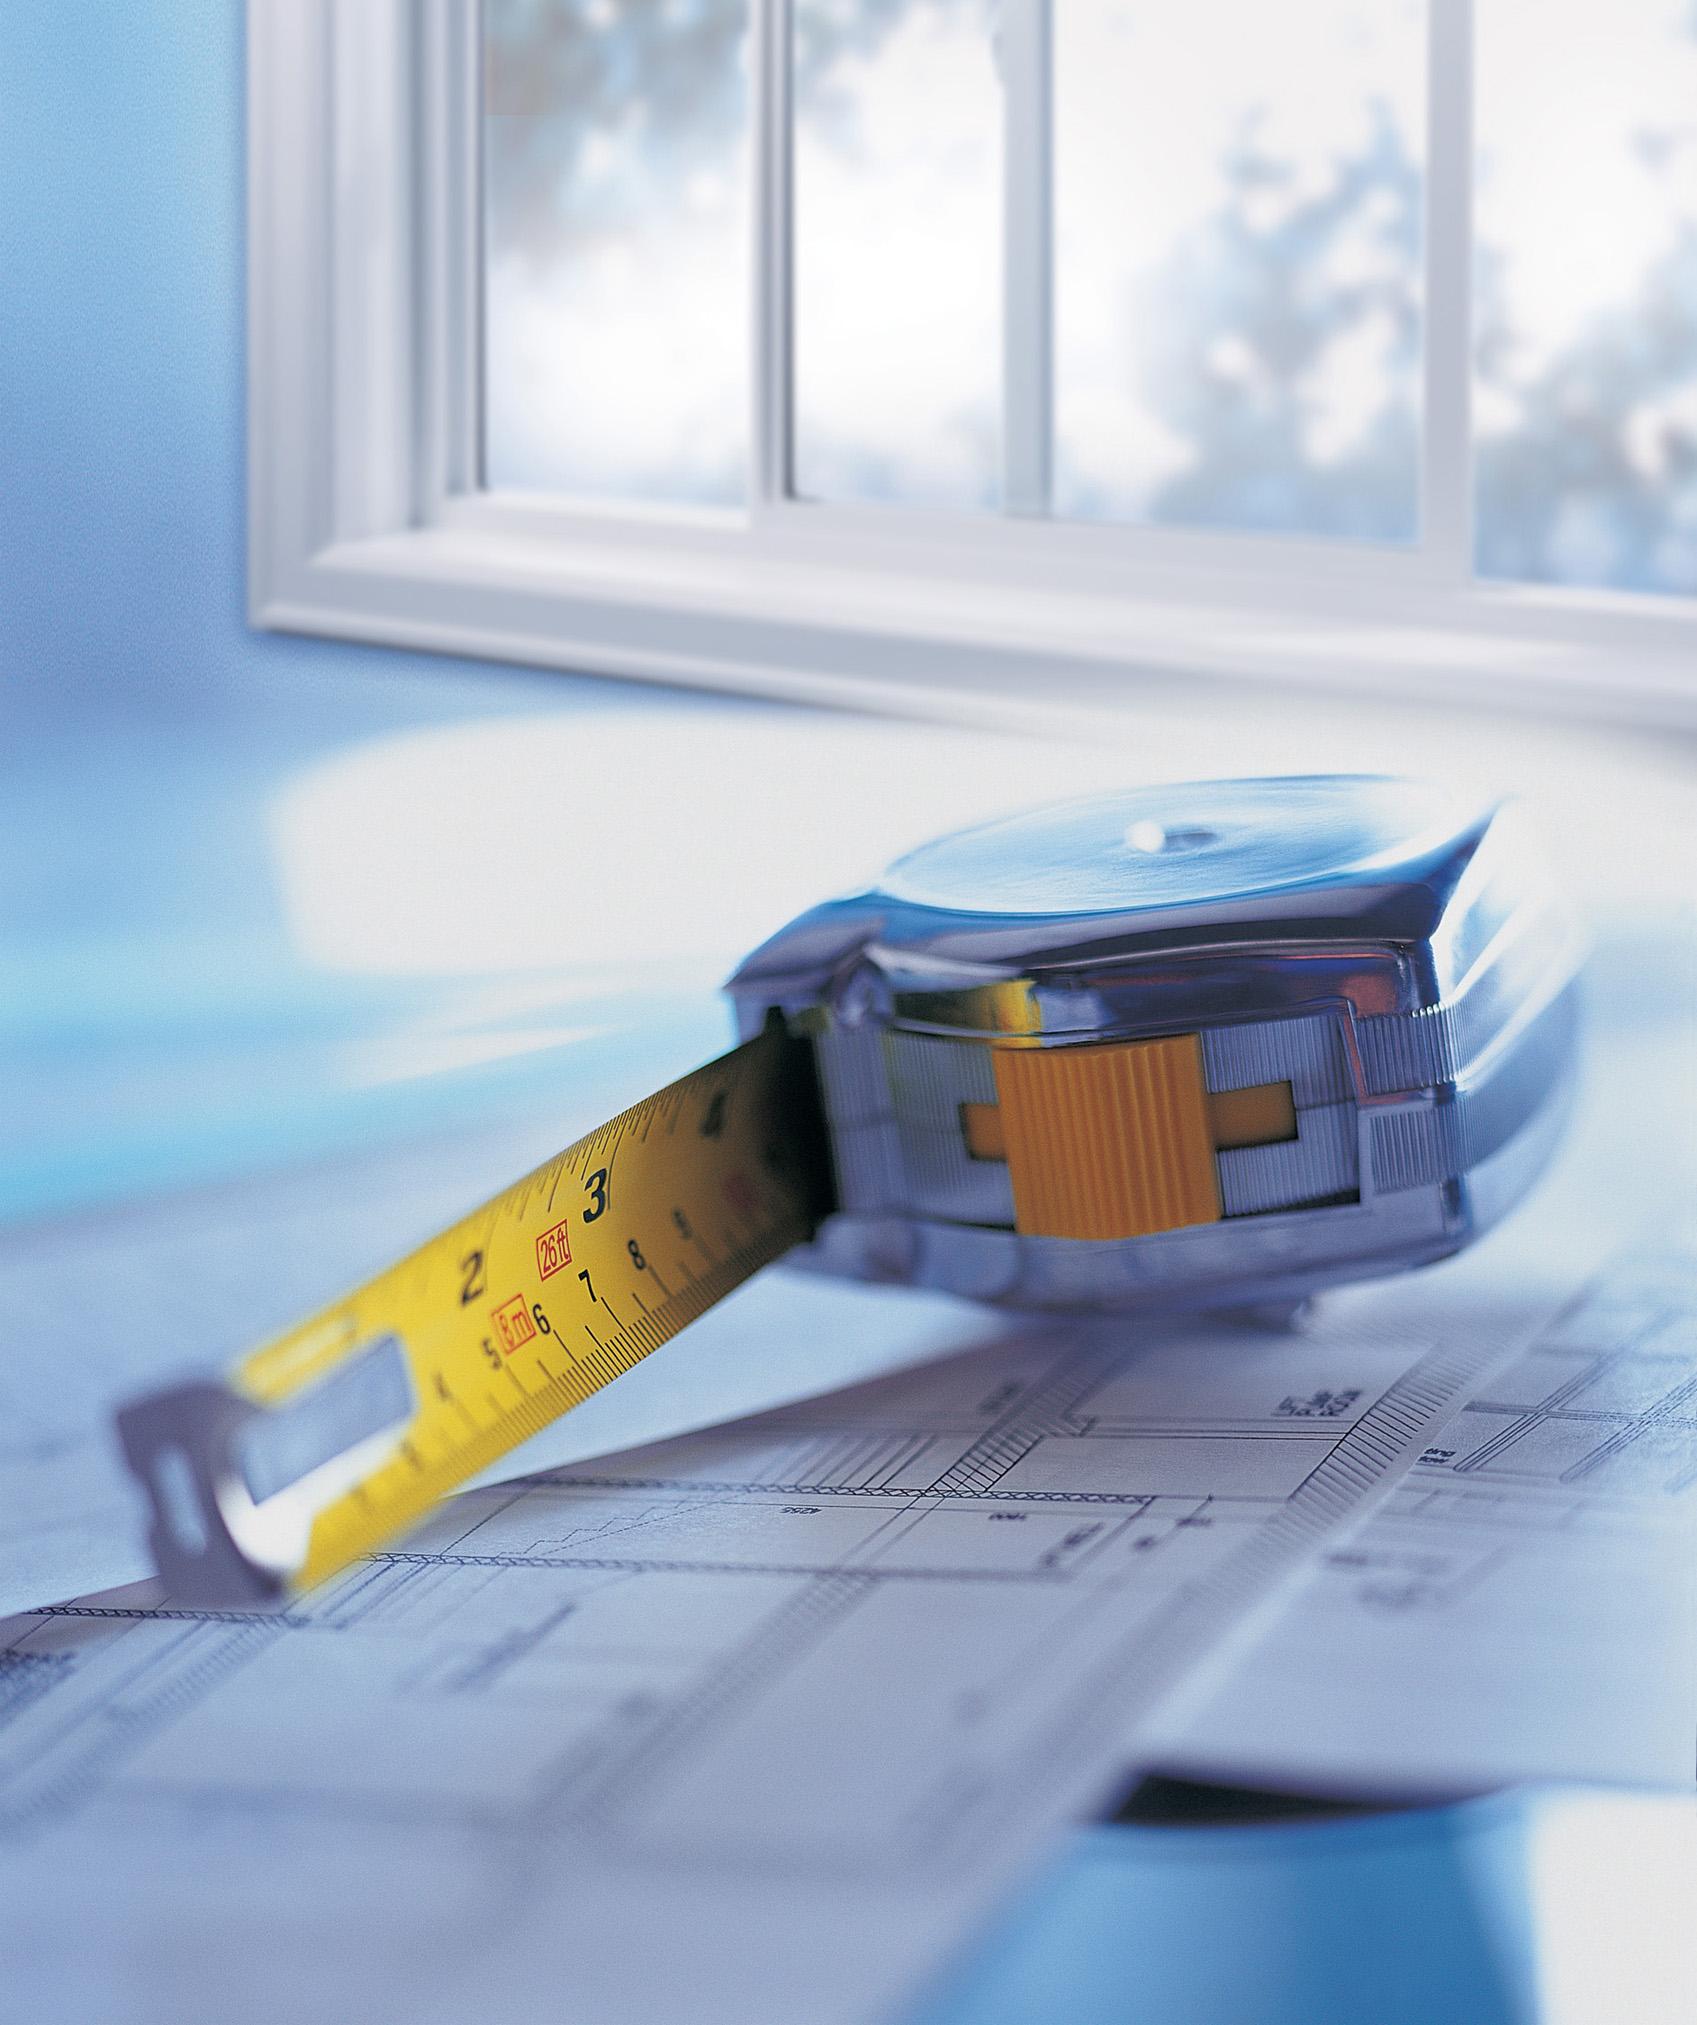 Image moyenne d'un ruban à mesurer reposant sur un  plan près d'une fenêtre.